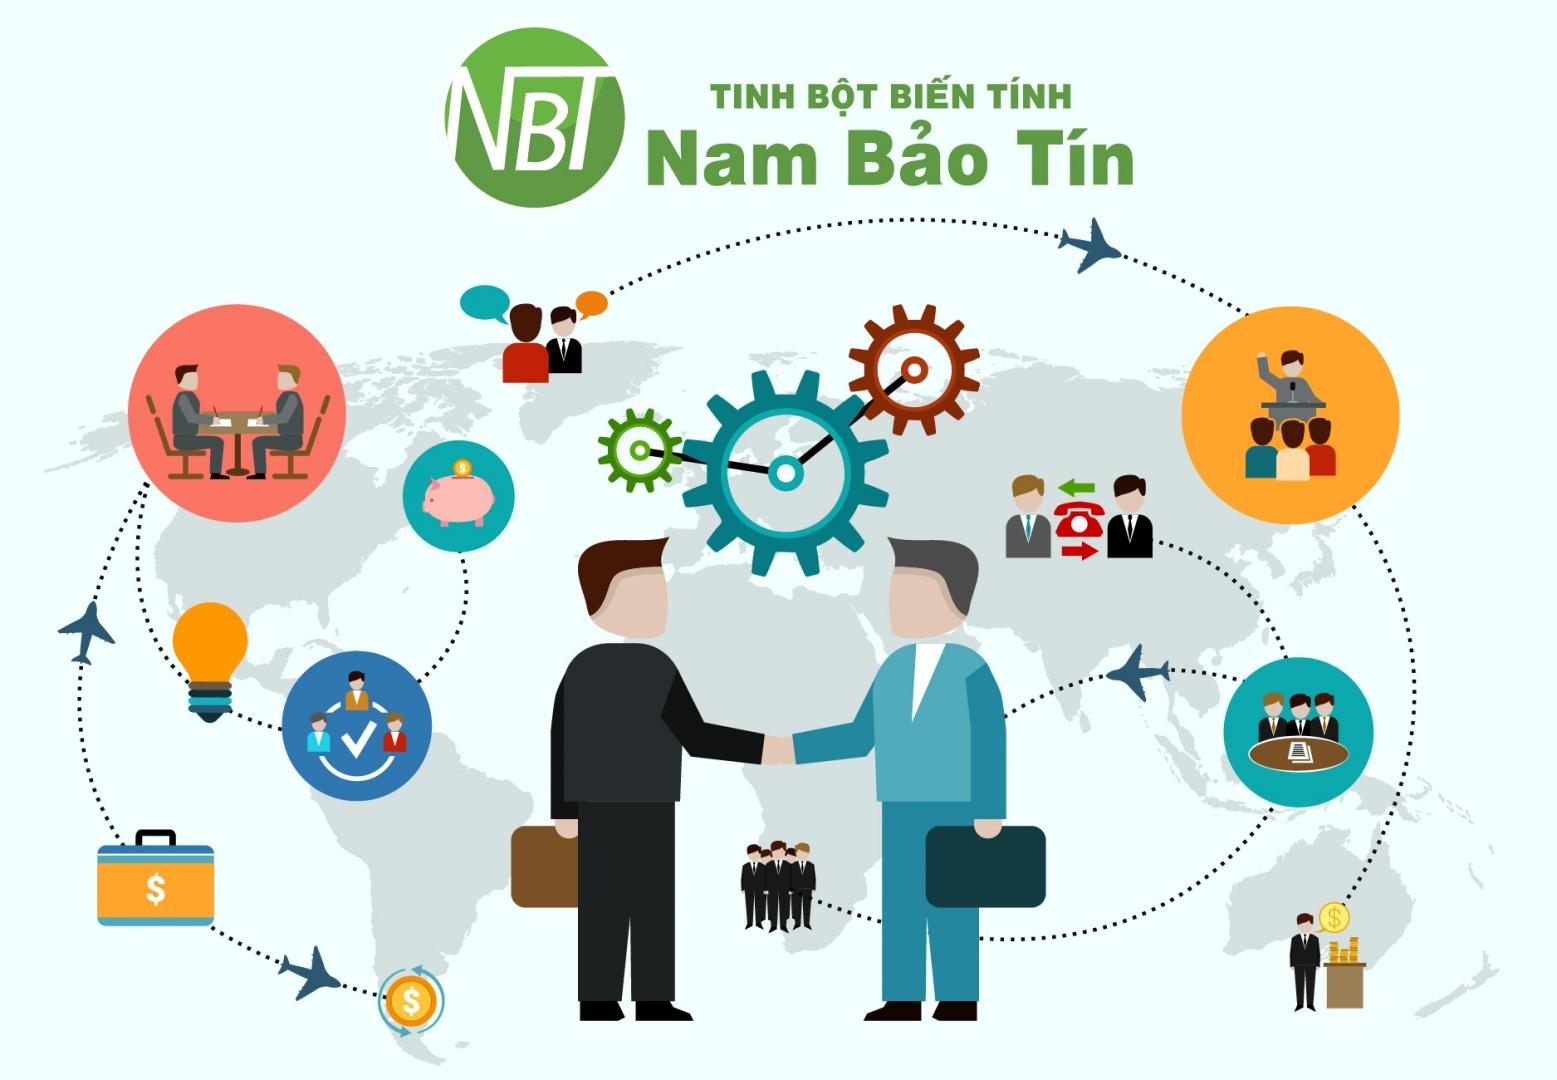 Chương trinh hợp tác bán hàng cùng Nam Bảo Tín